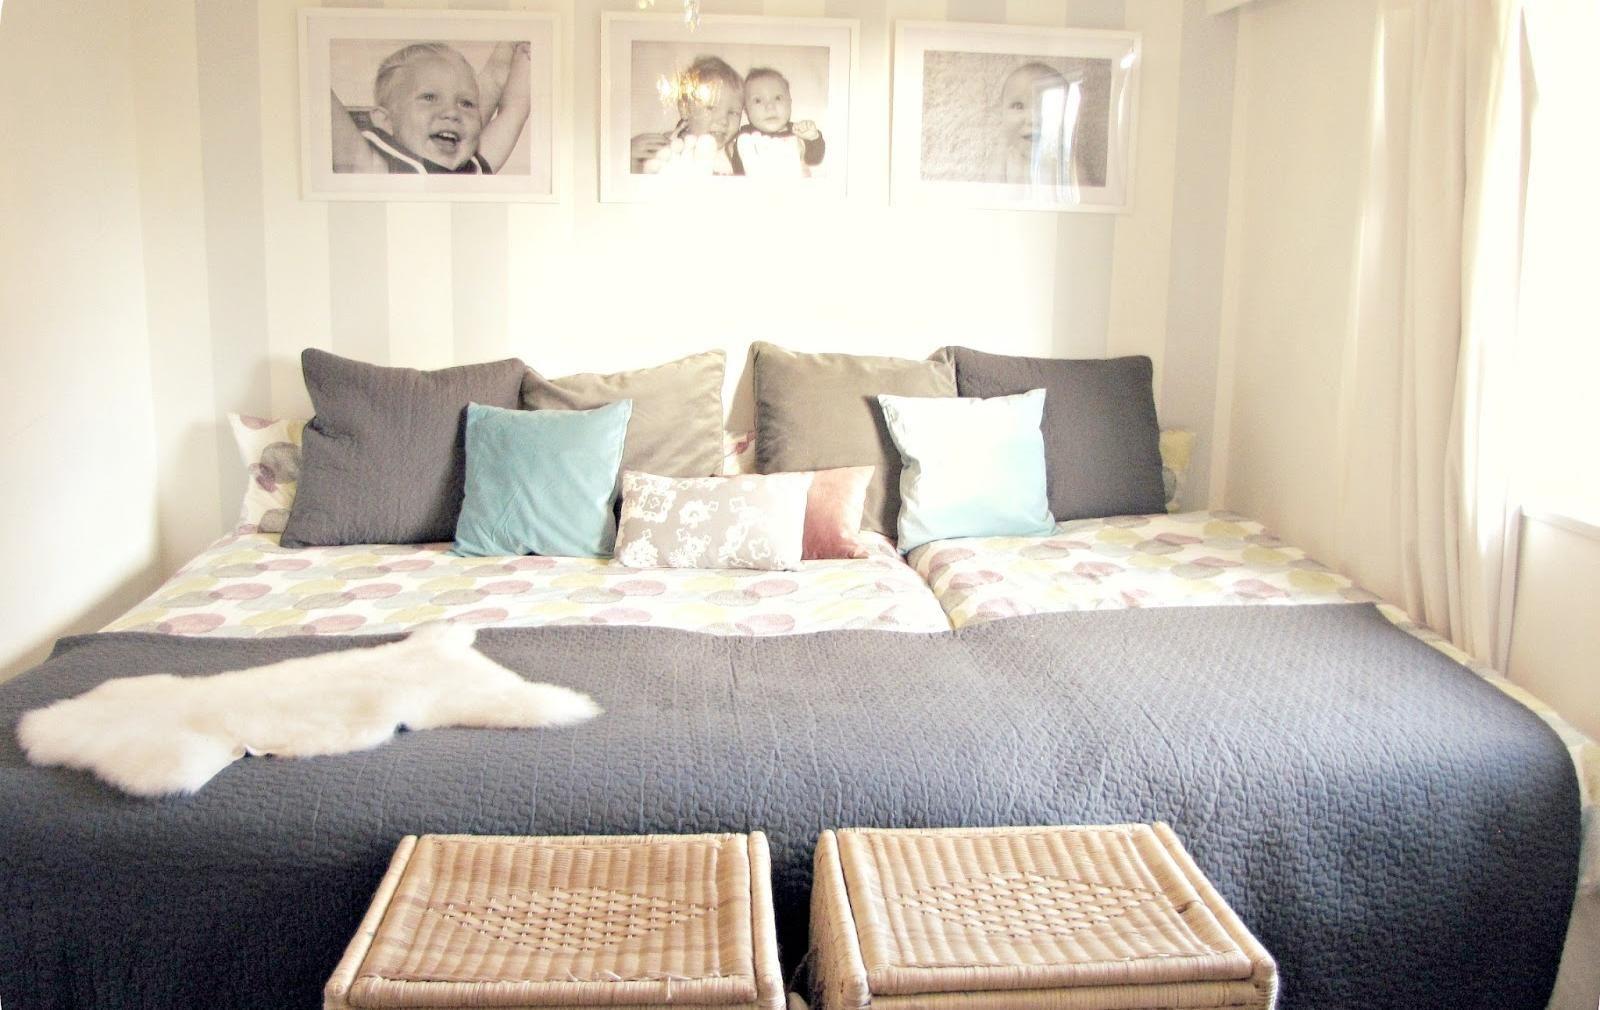 Full Size of Xxl Betten Sofa U Form Günstig Schöne Aus Holz Outlet Gebrauchte Wohnwert Massivholz Hasena 160x200 Kopfteile Für Flexa Ruf Big Balinesische Musterring Ikea Bett Xxl Betten